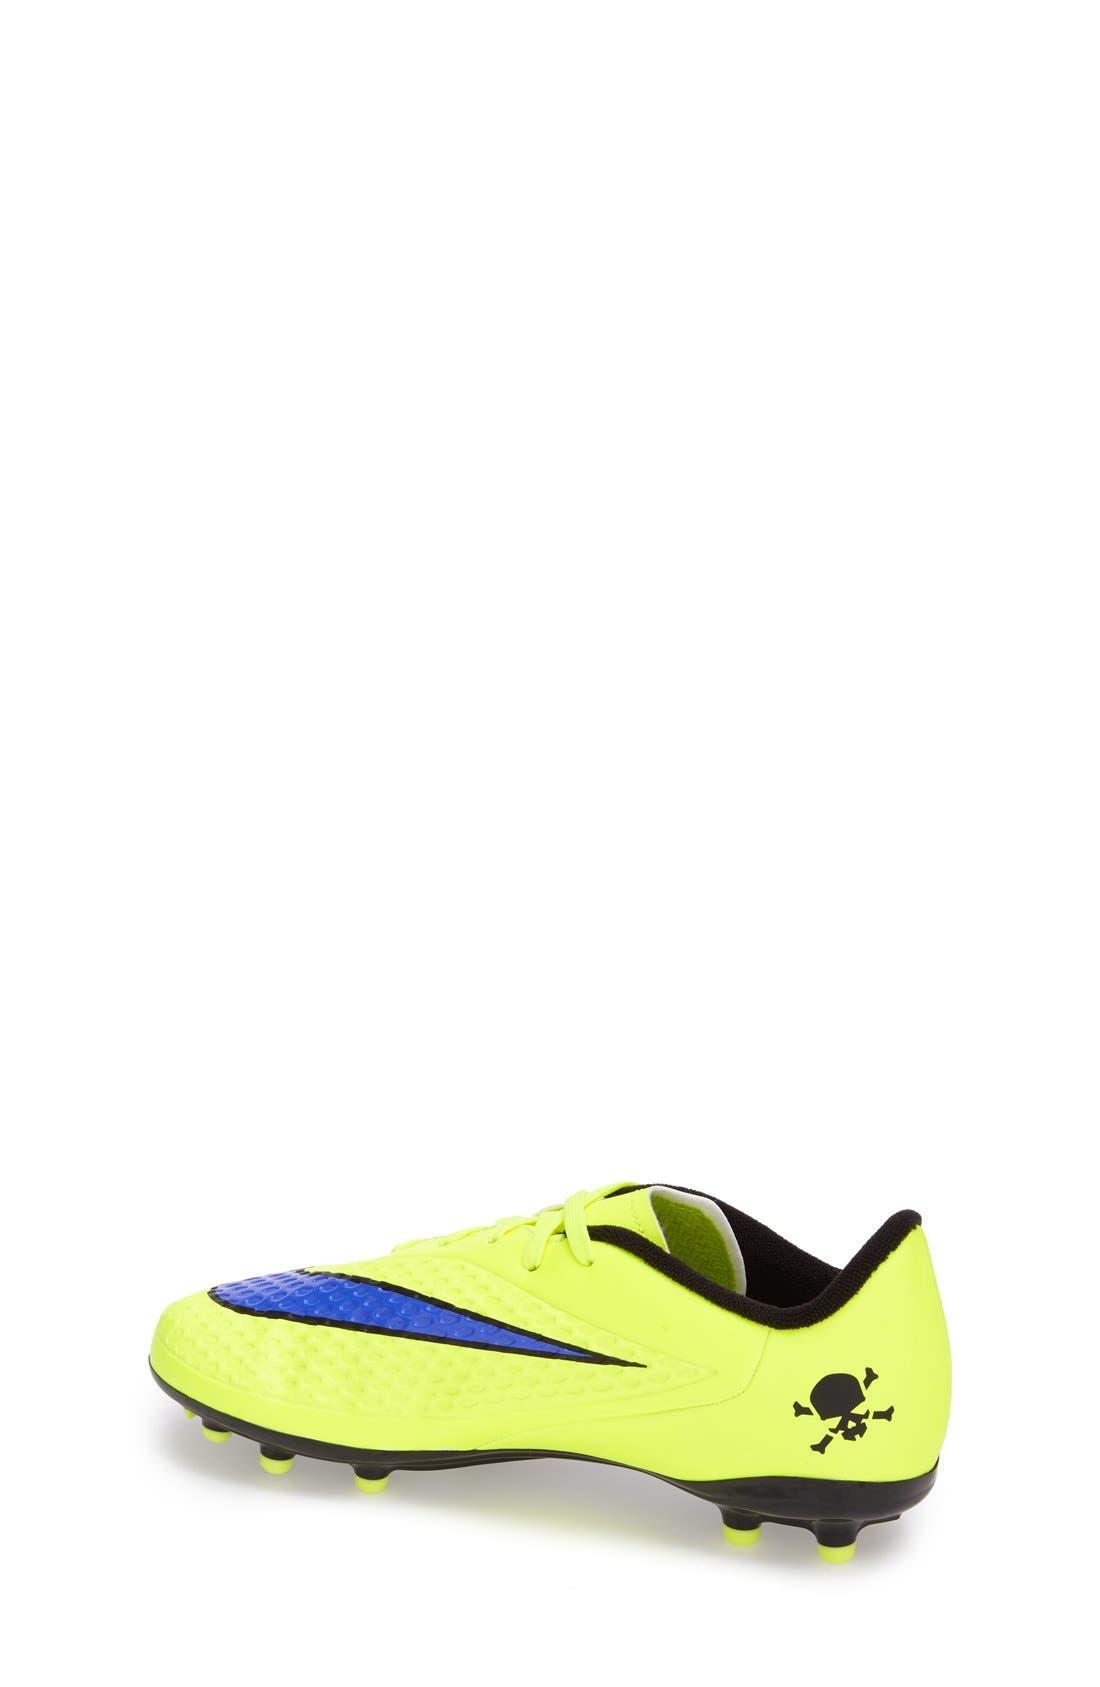 Alternate Image 2  - Nike 'Hypervenom Phelon FG' Soccer Cleat (Toddler, Little Kid & Big Kid)